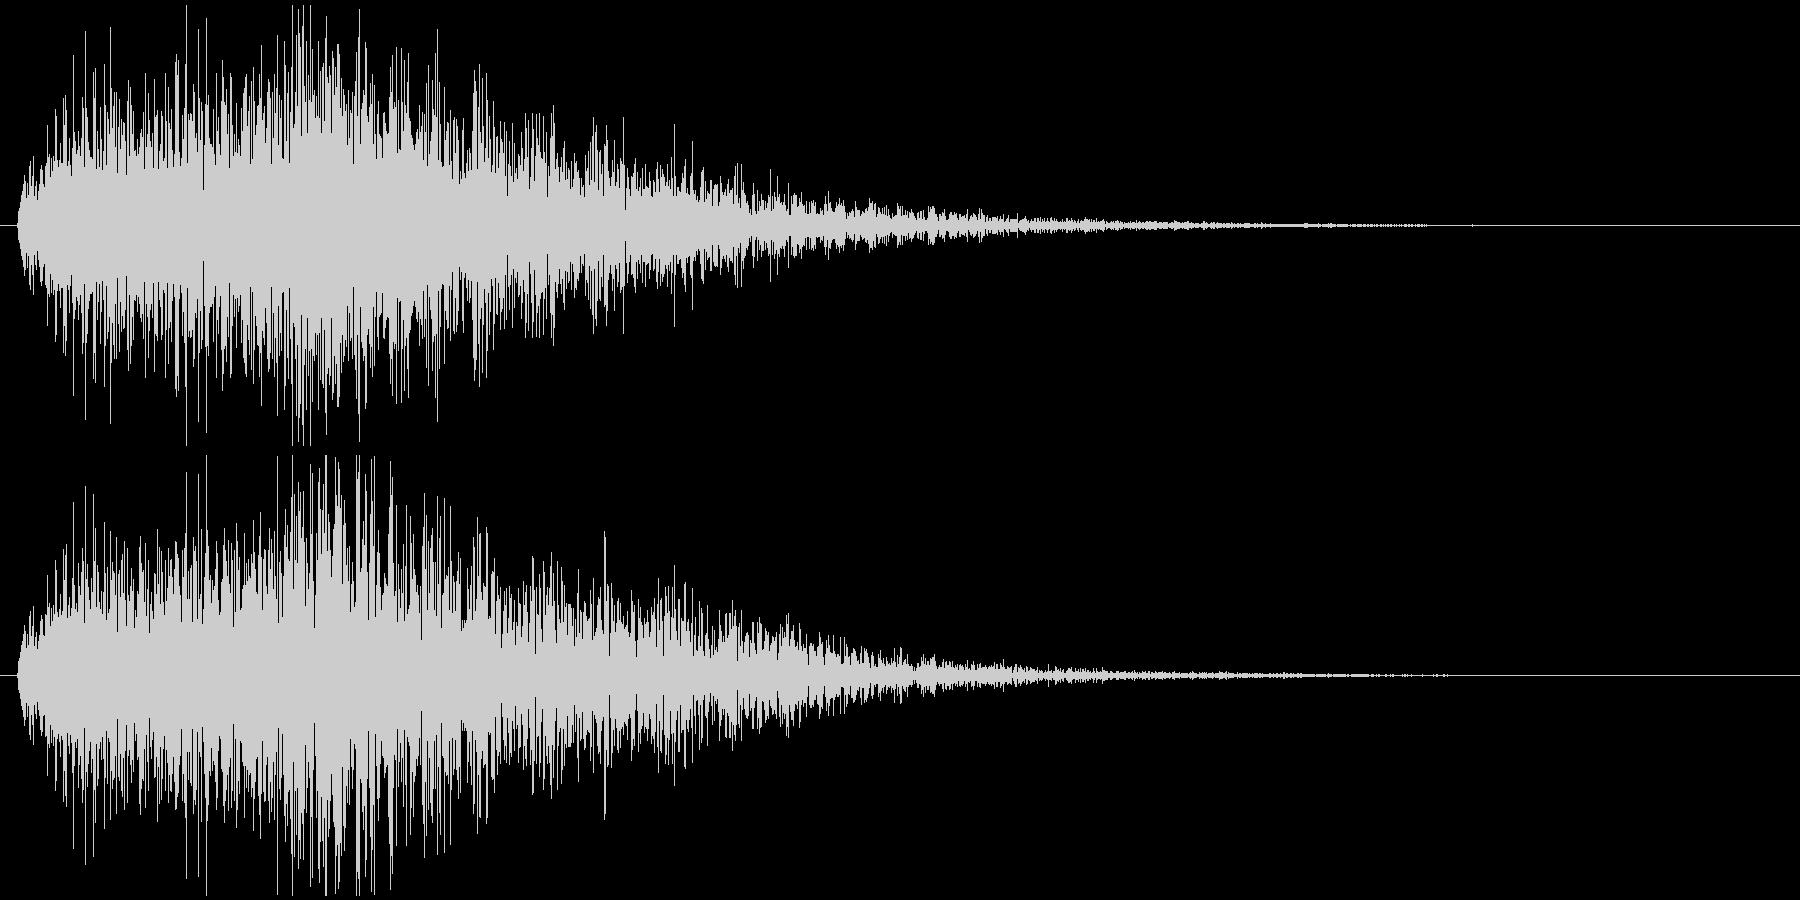 クイズ出題音(デデデン!)の未再生の波形